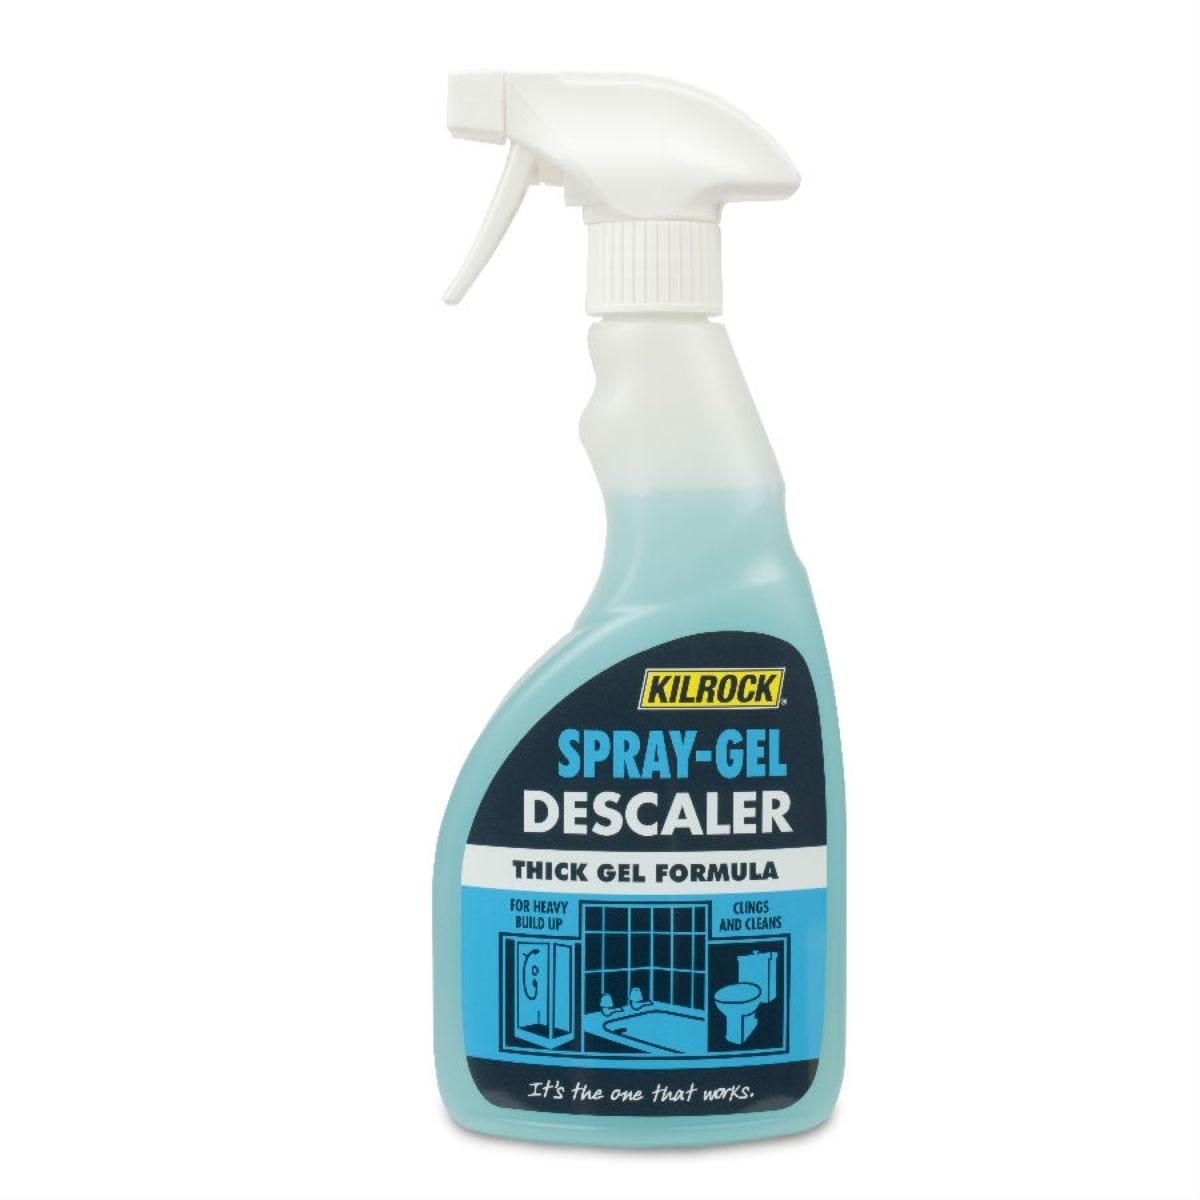 Kilrock Spray Gel Bathroom Descaler - 500ml